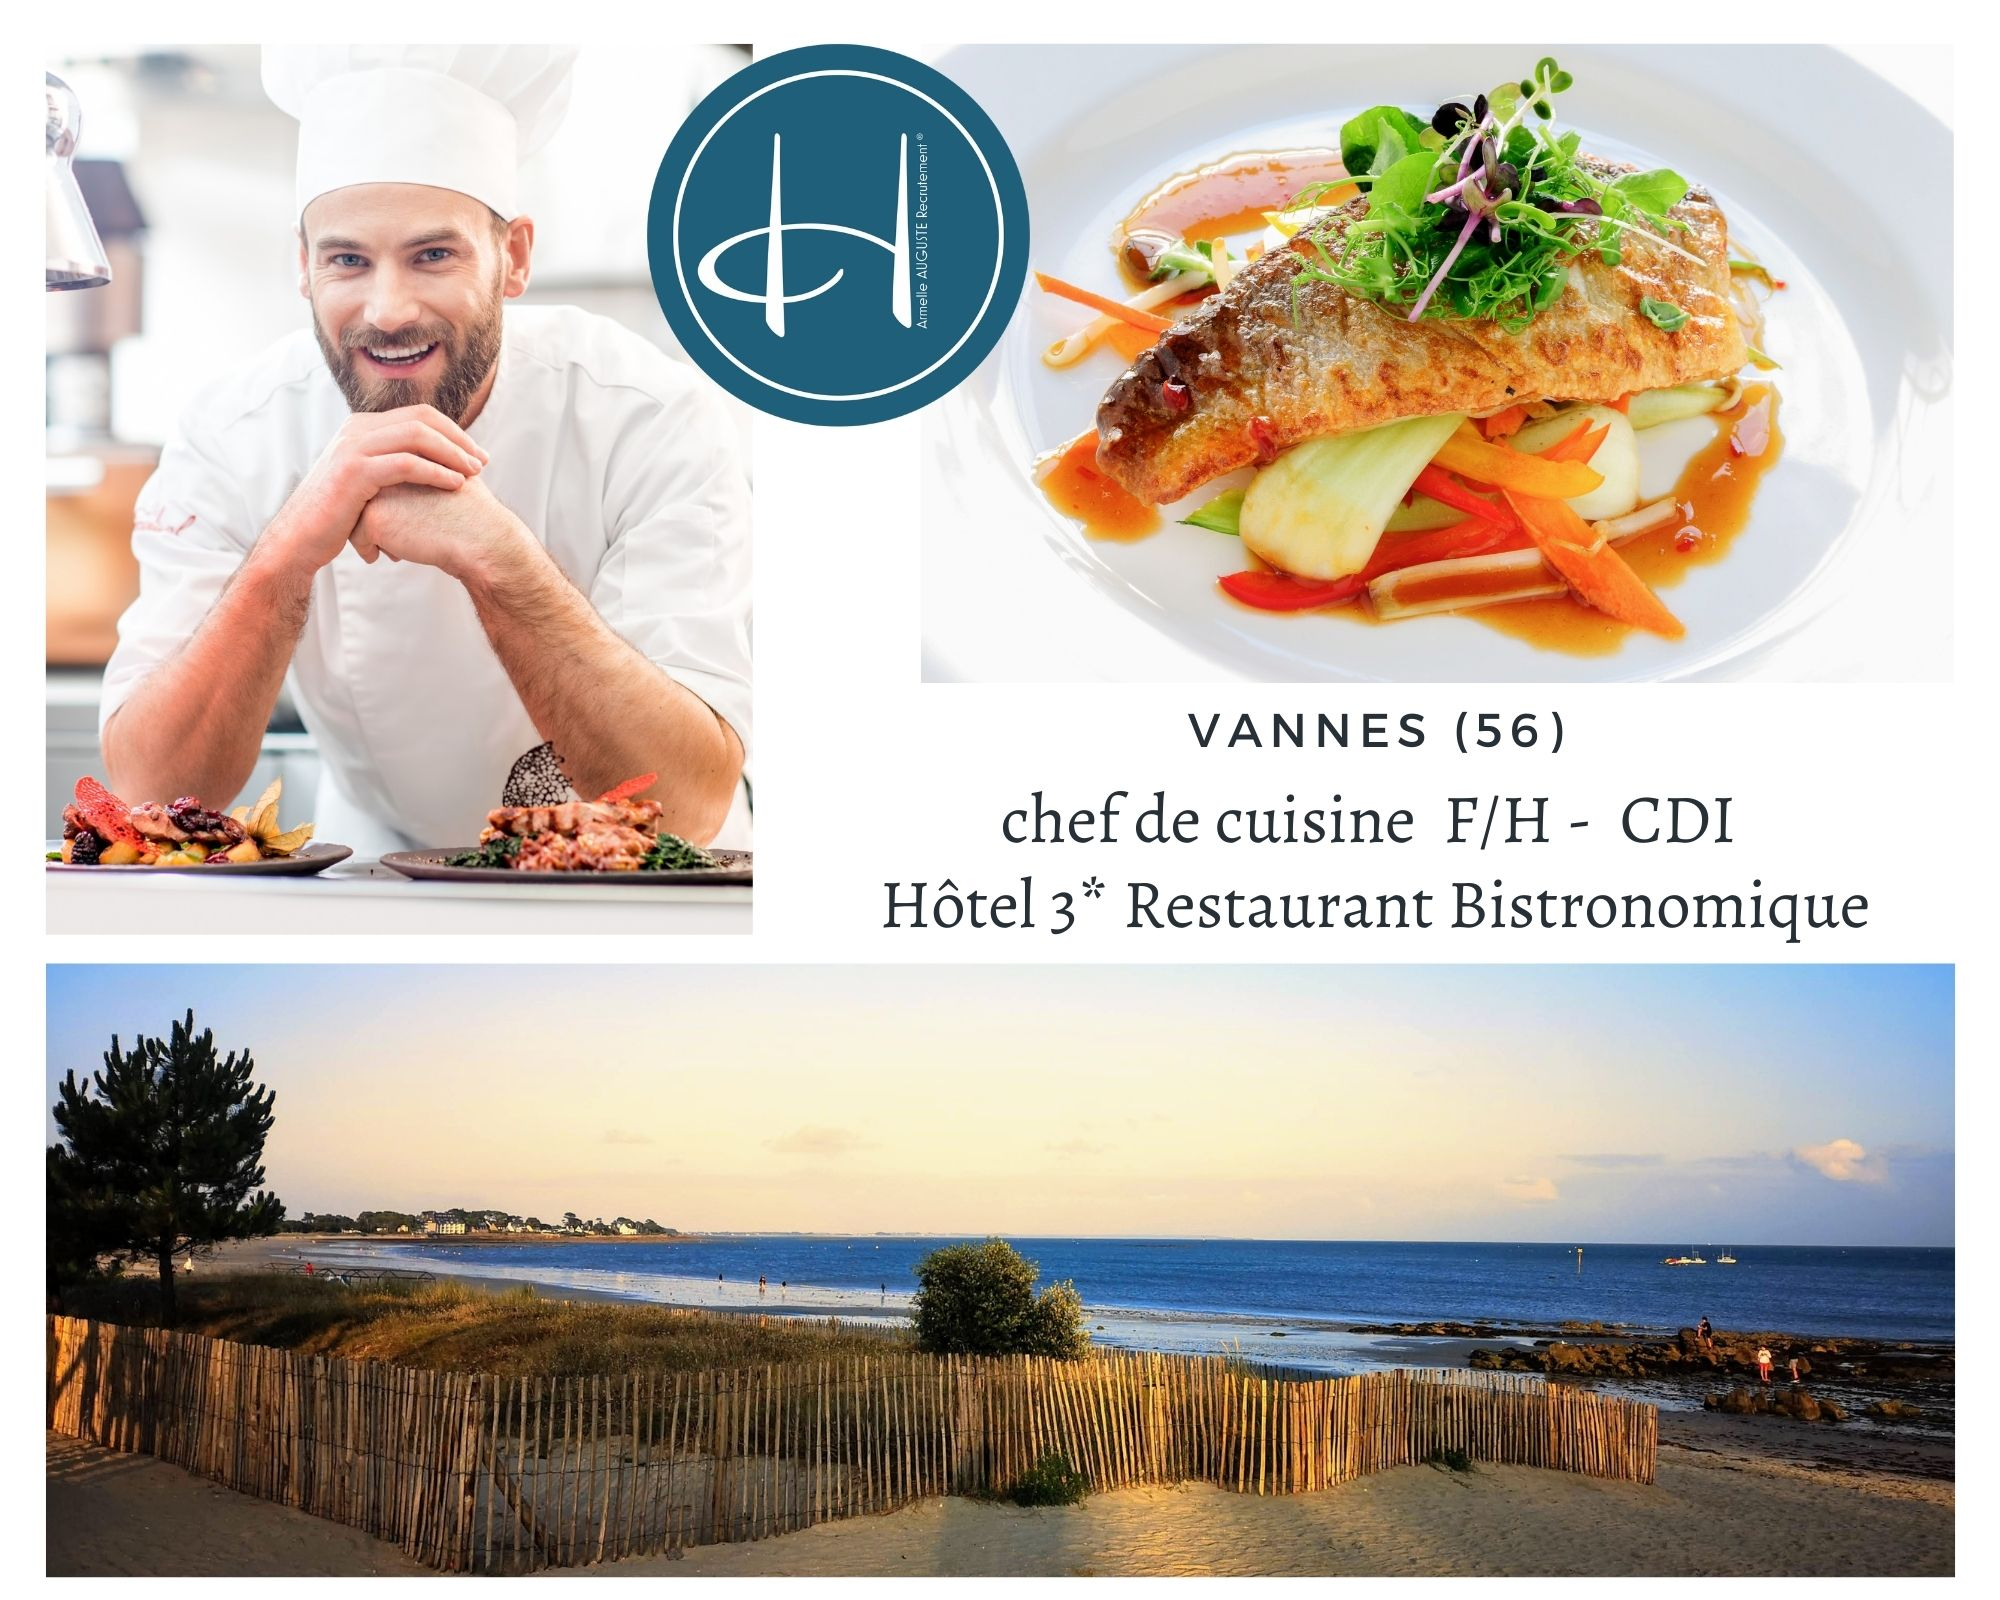 Recrutement: Chef de cuisine hôtel restaurant Bistronomique Vannes Bretagne F/H chez Armelle AUGUSTE Recrutement® à vannes